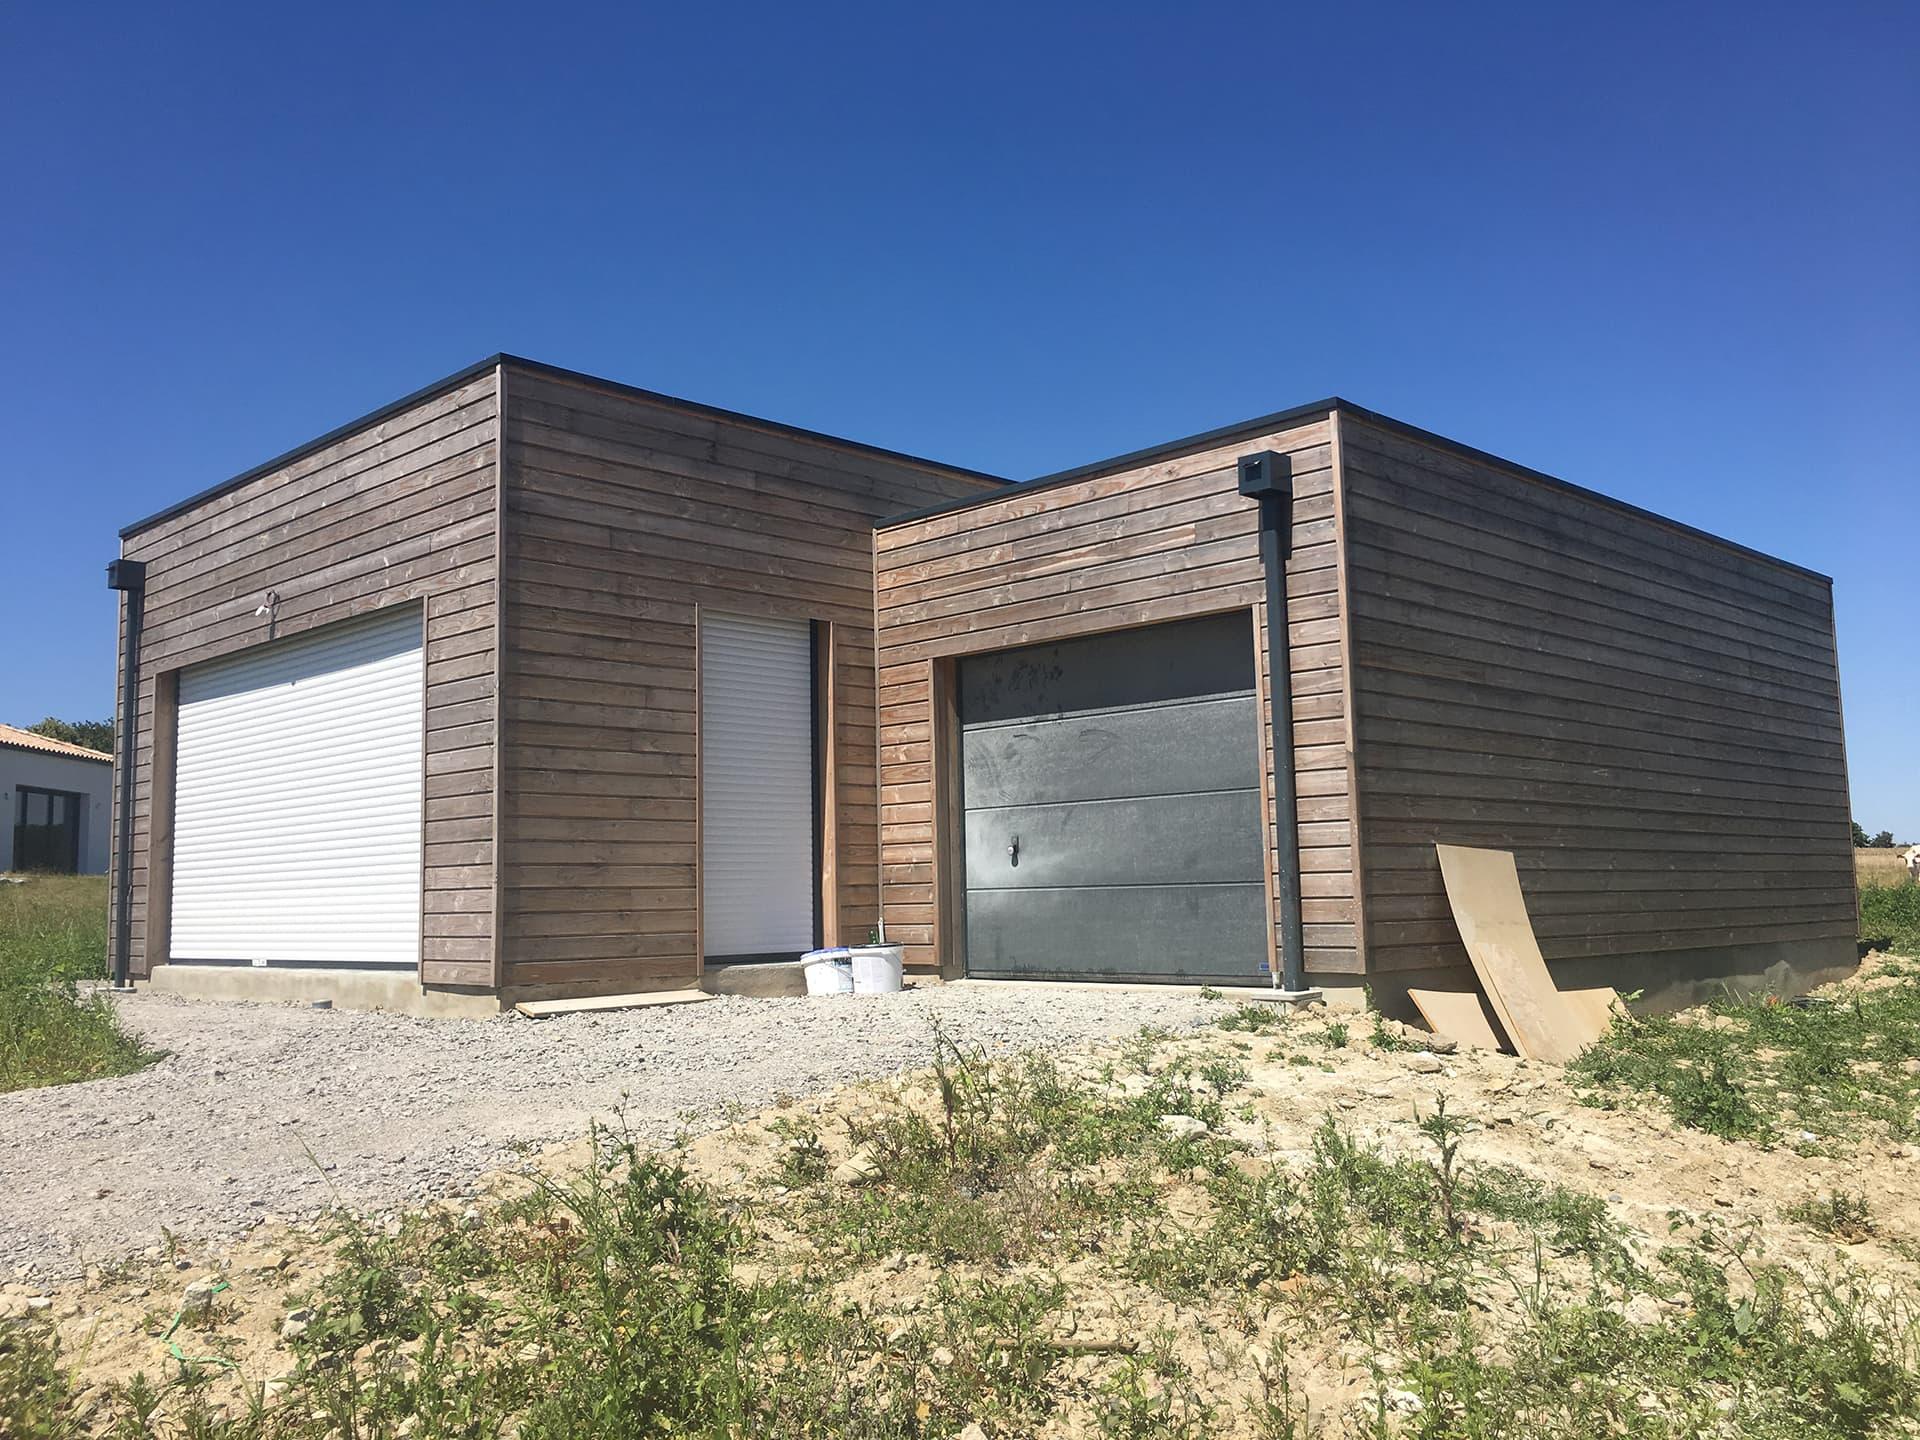 Maison bois facade cote garage - Permis de construire pour une maison en bois à Legé, proche Nantes